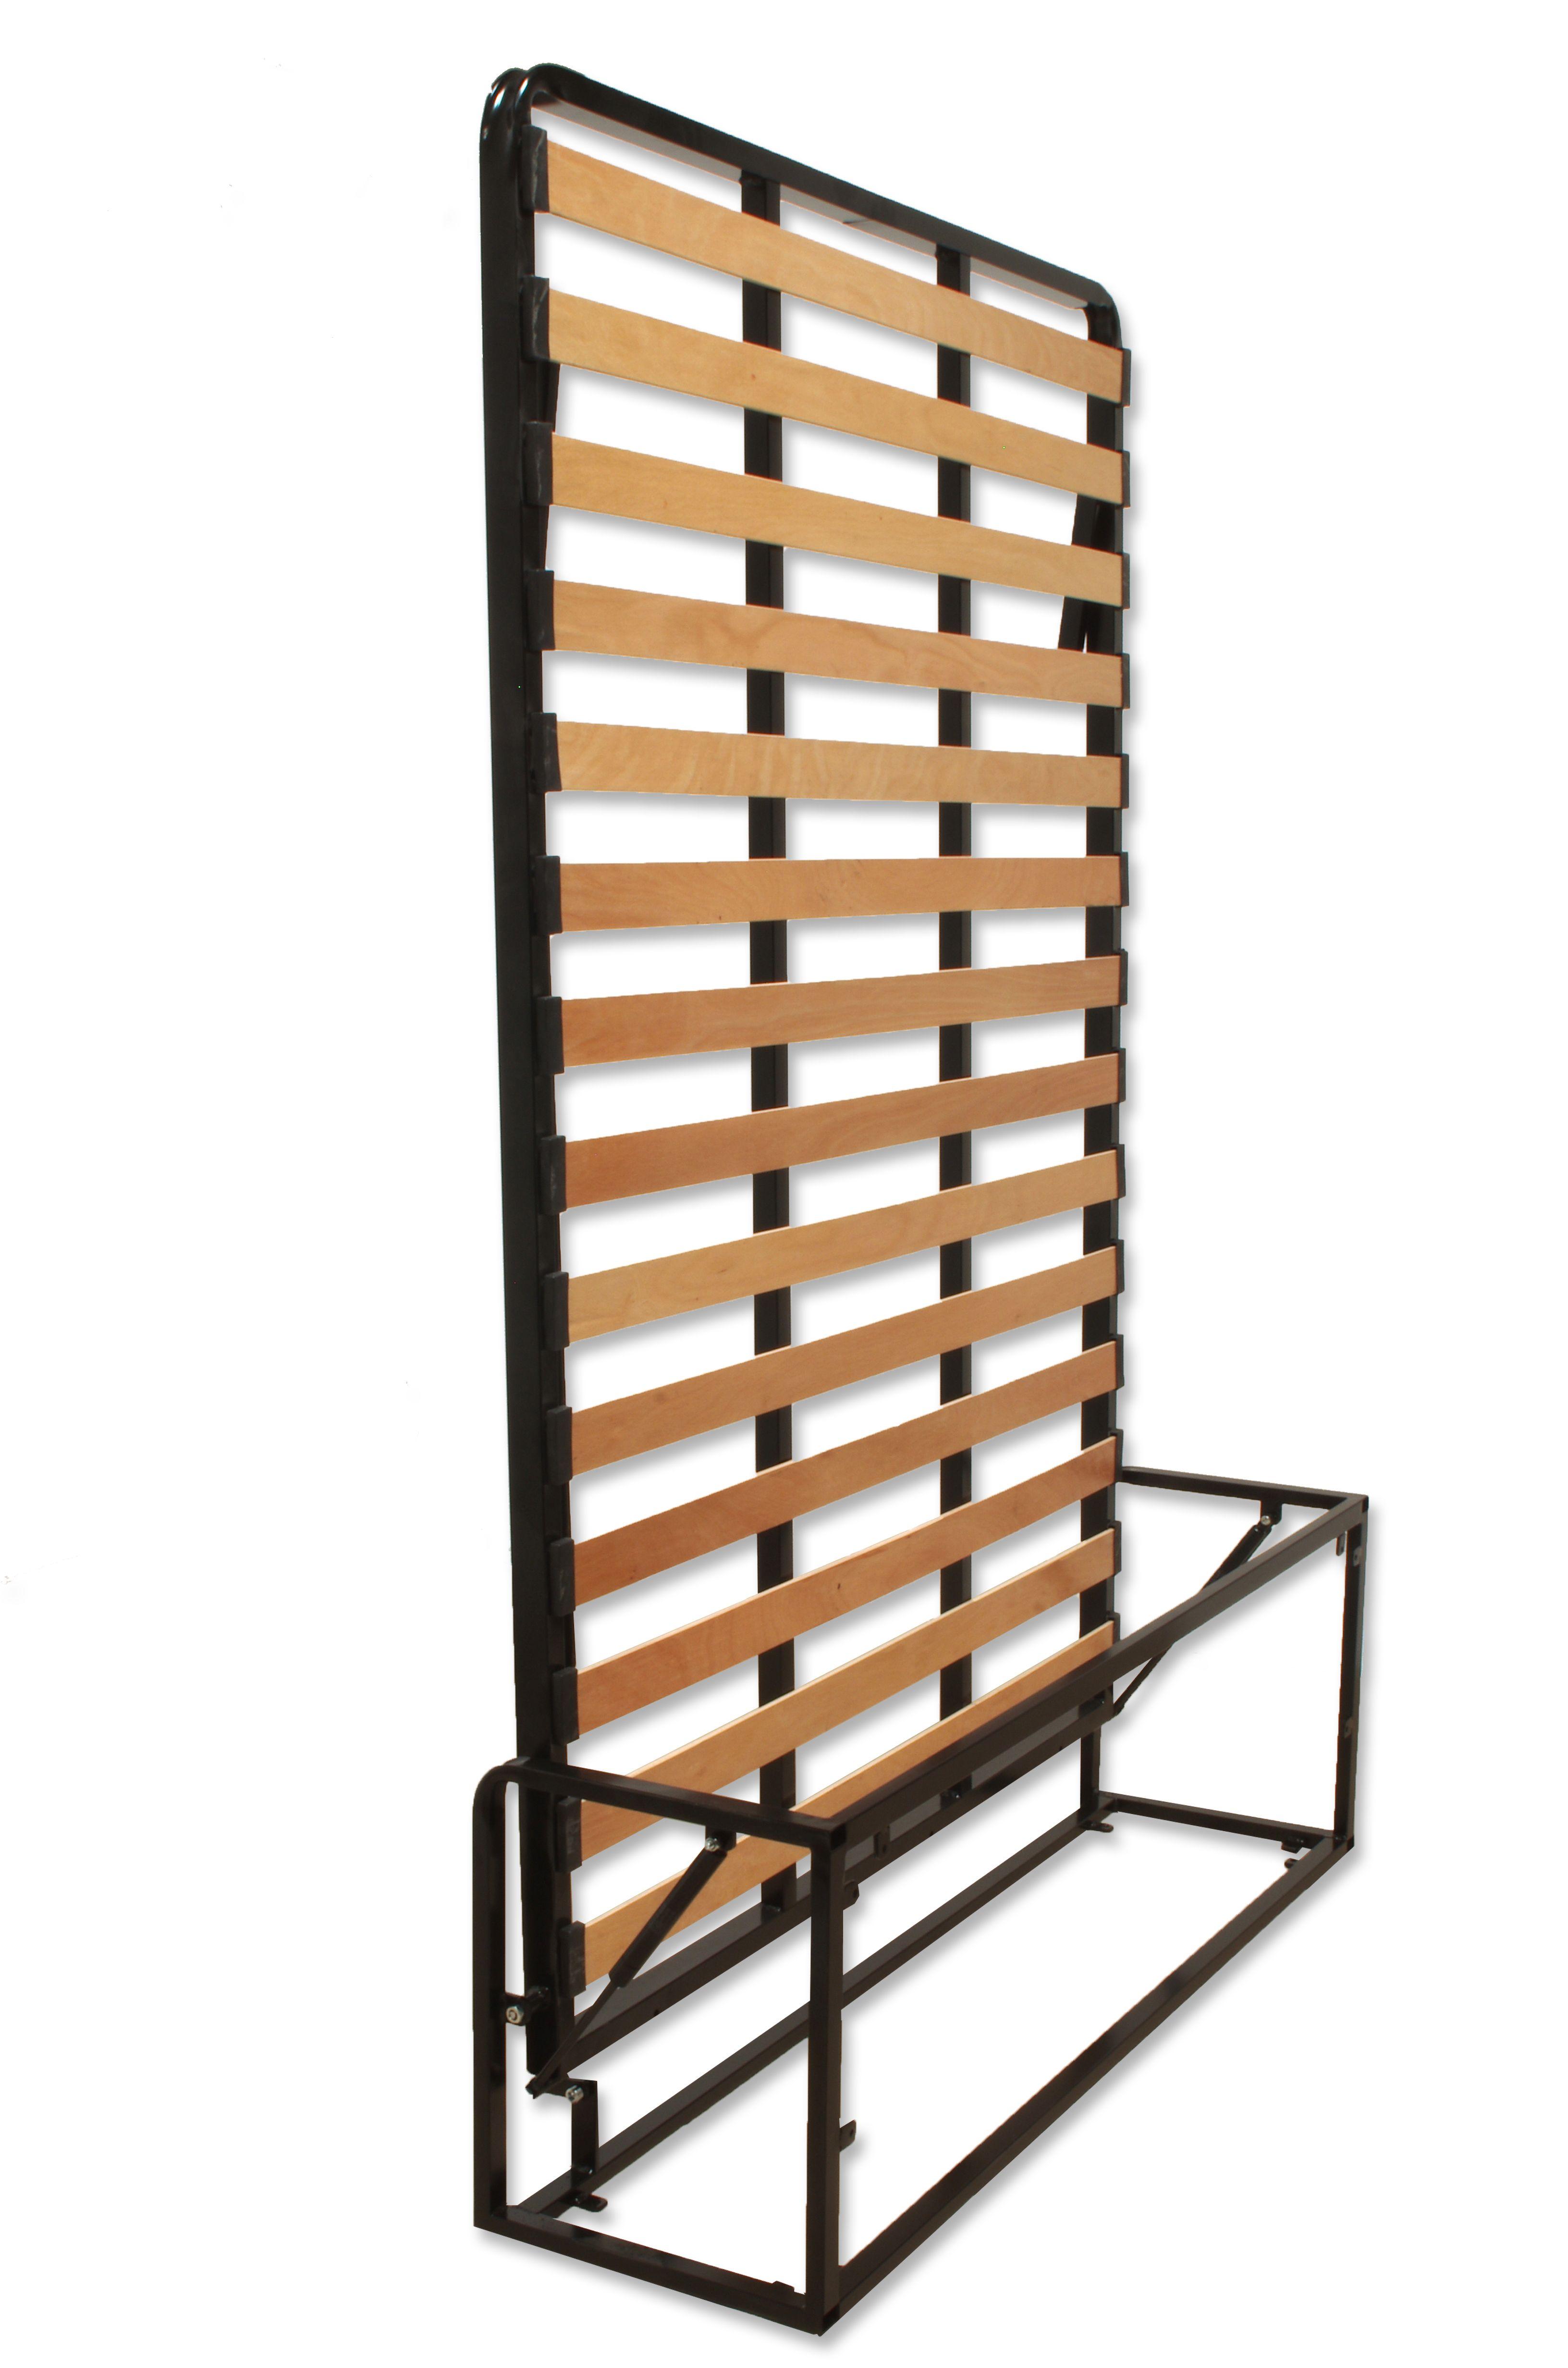 ein schrankbett 160x200 vertikal kaufen schaffen sie neuen platz ohne auf komfort verzichten zu. Black Bedroom Furniture Sets. Home Design Ideas